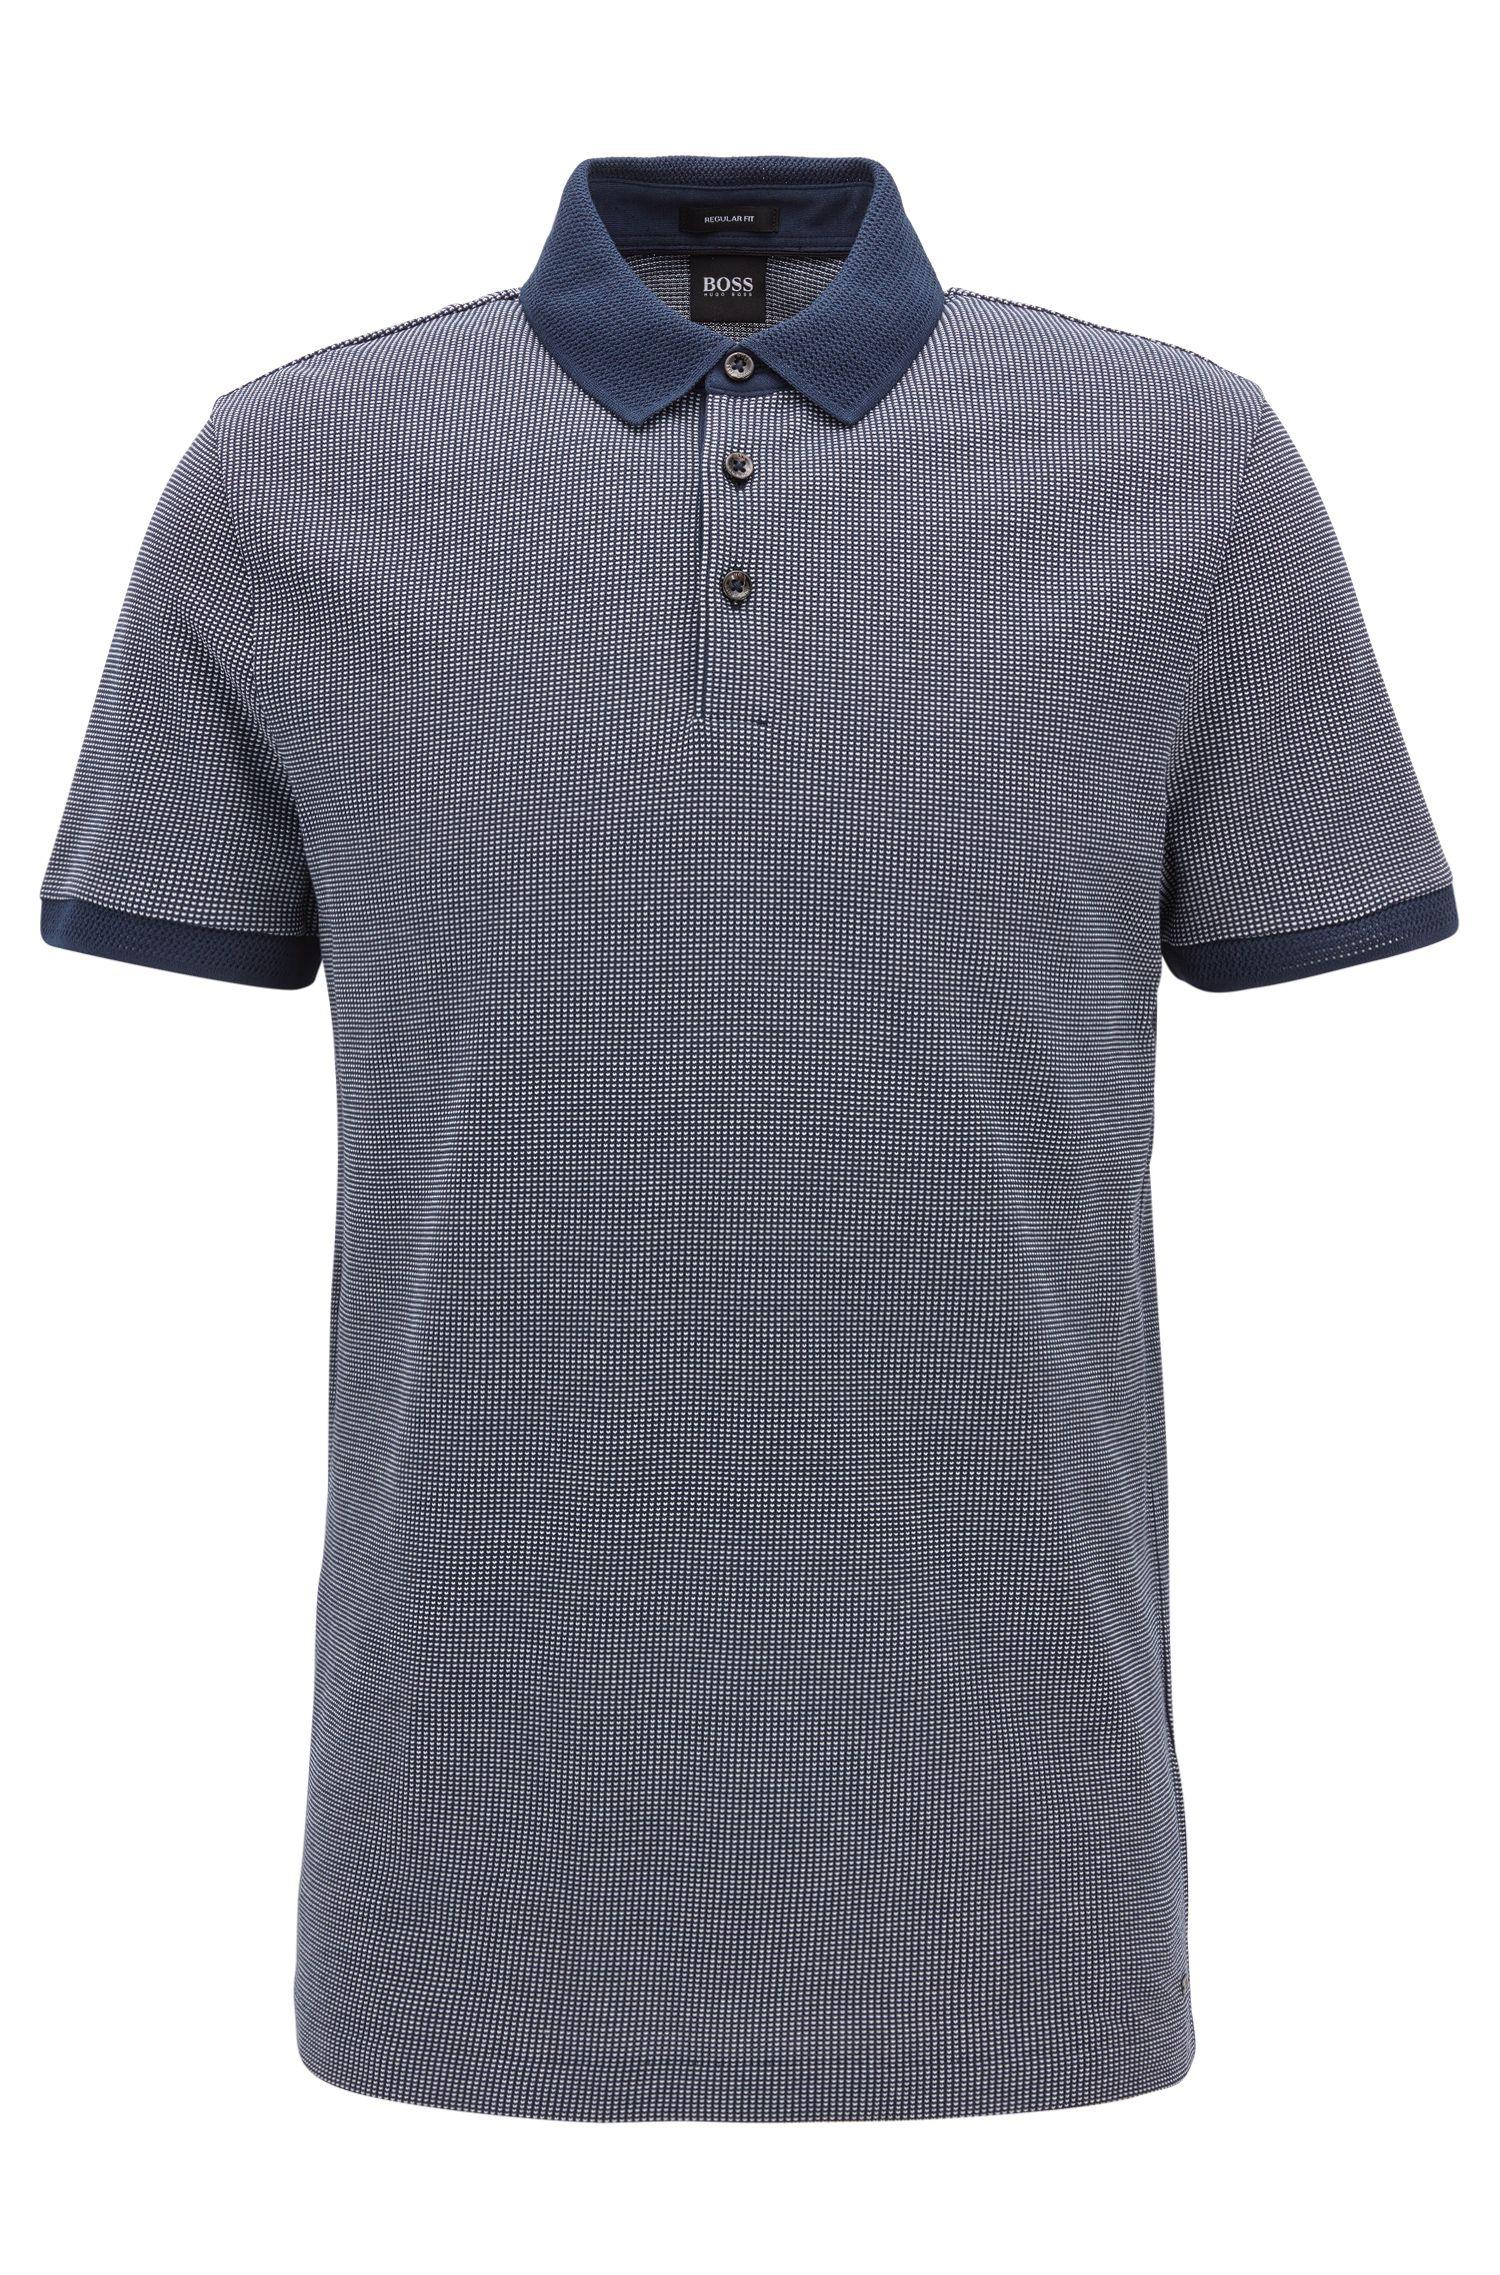 Poloshirt aus Baumwolle mit zweifarbigem Muster